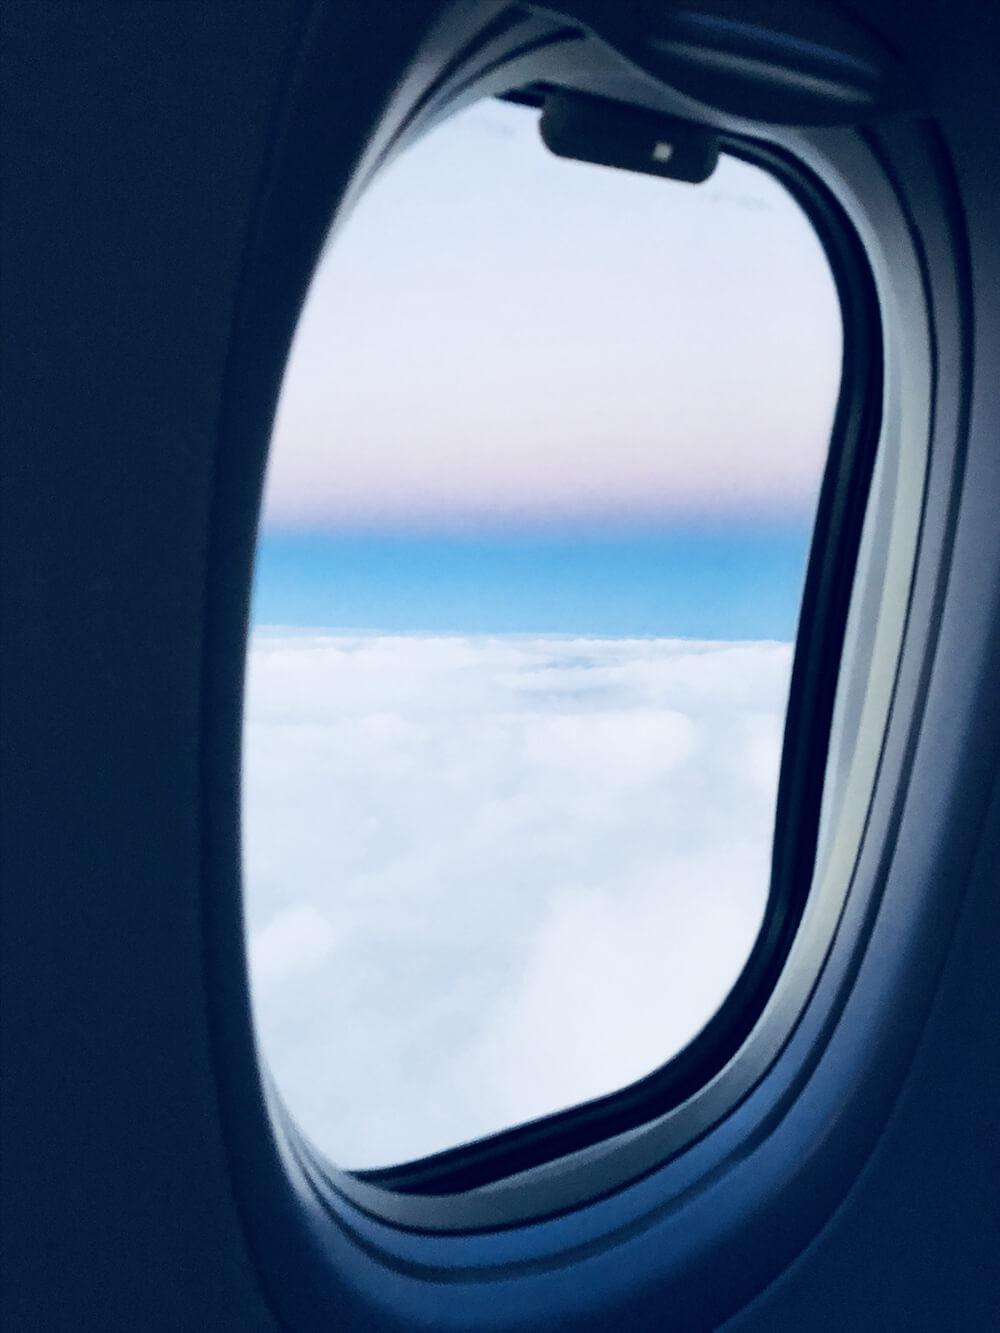 From Delta Flight 2794 #1